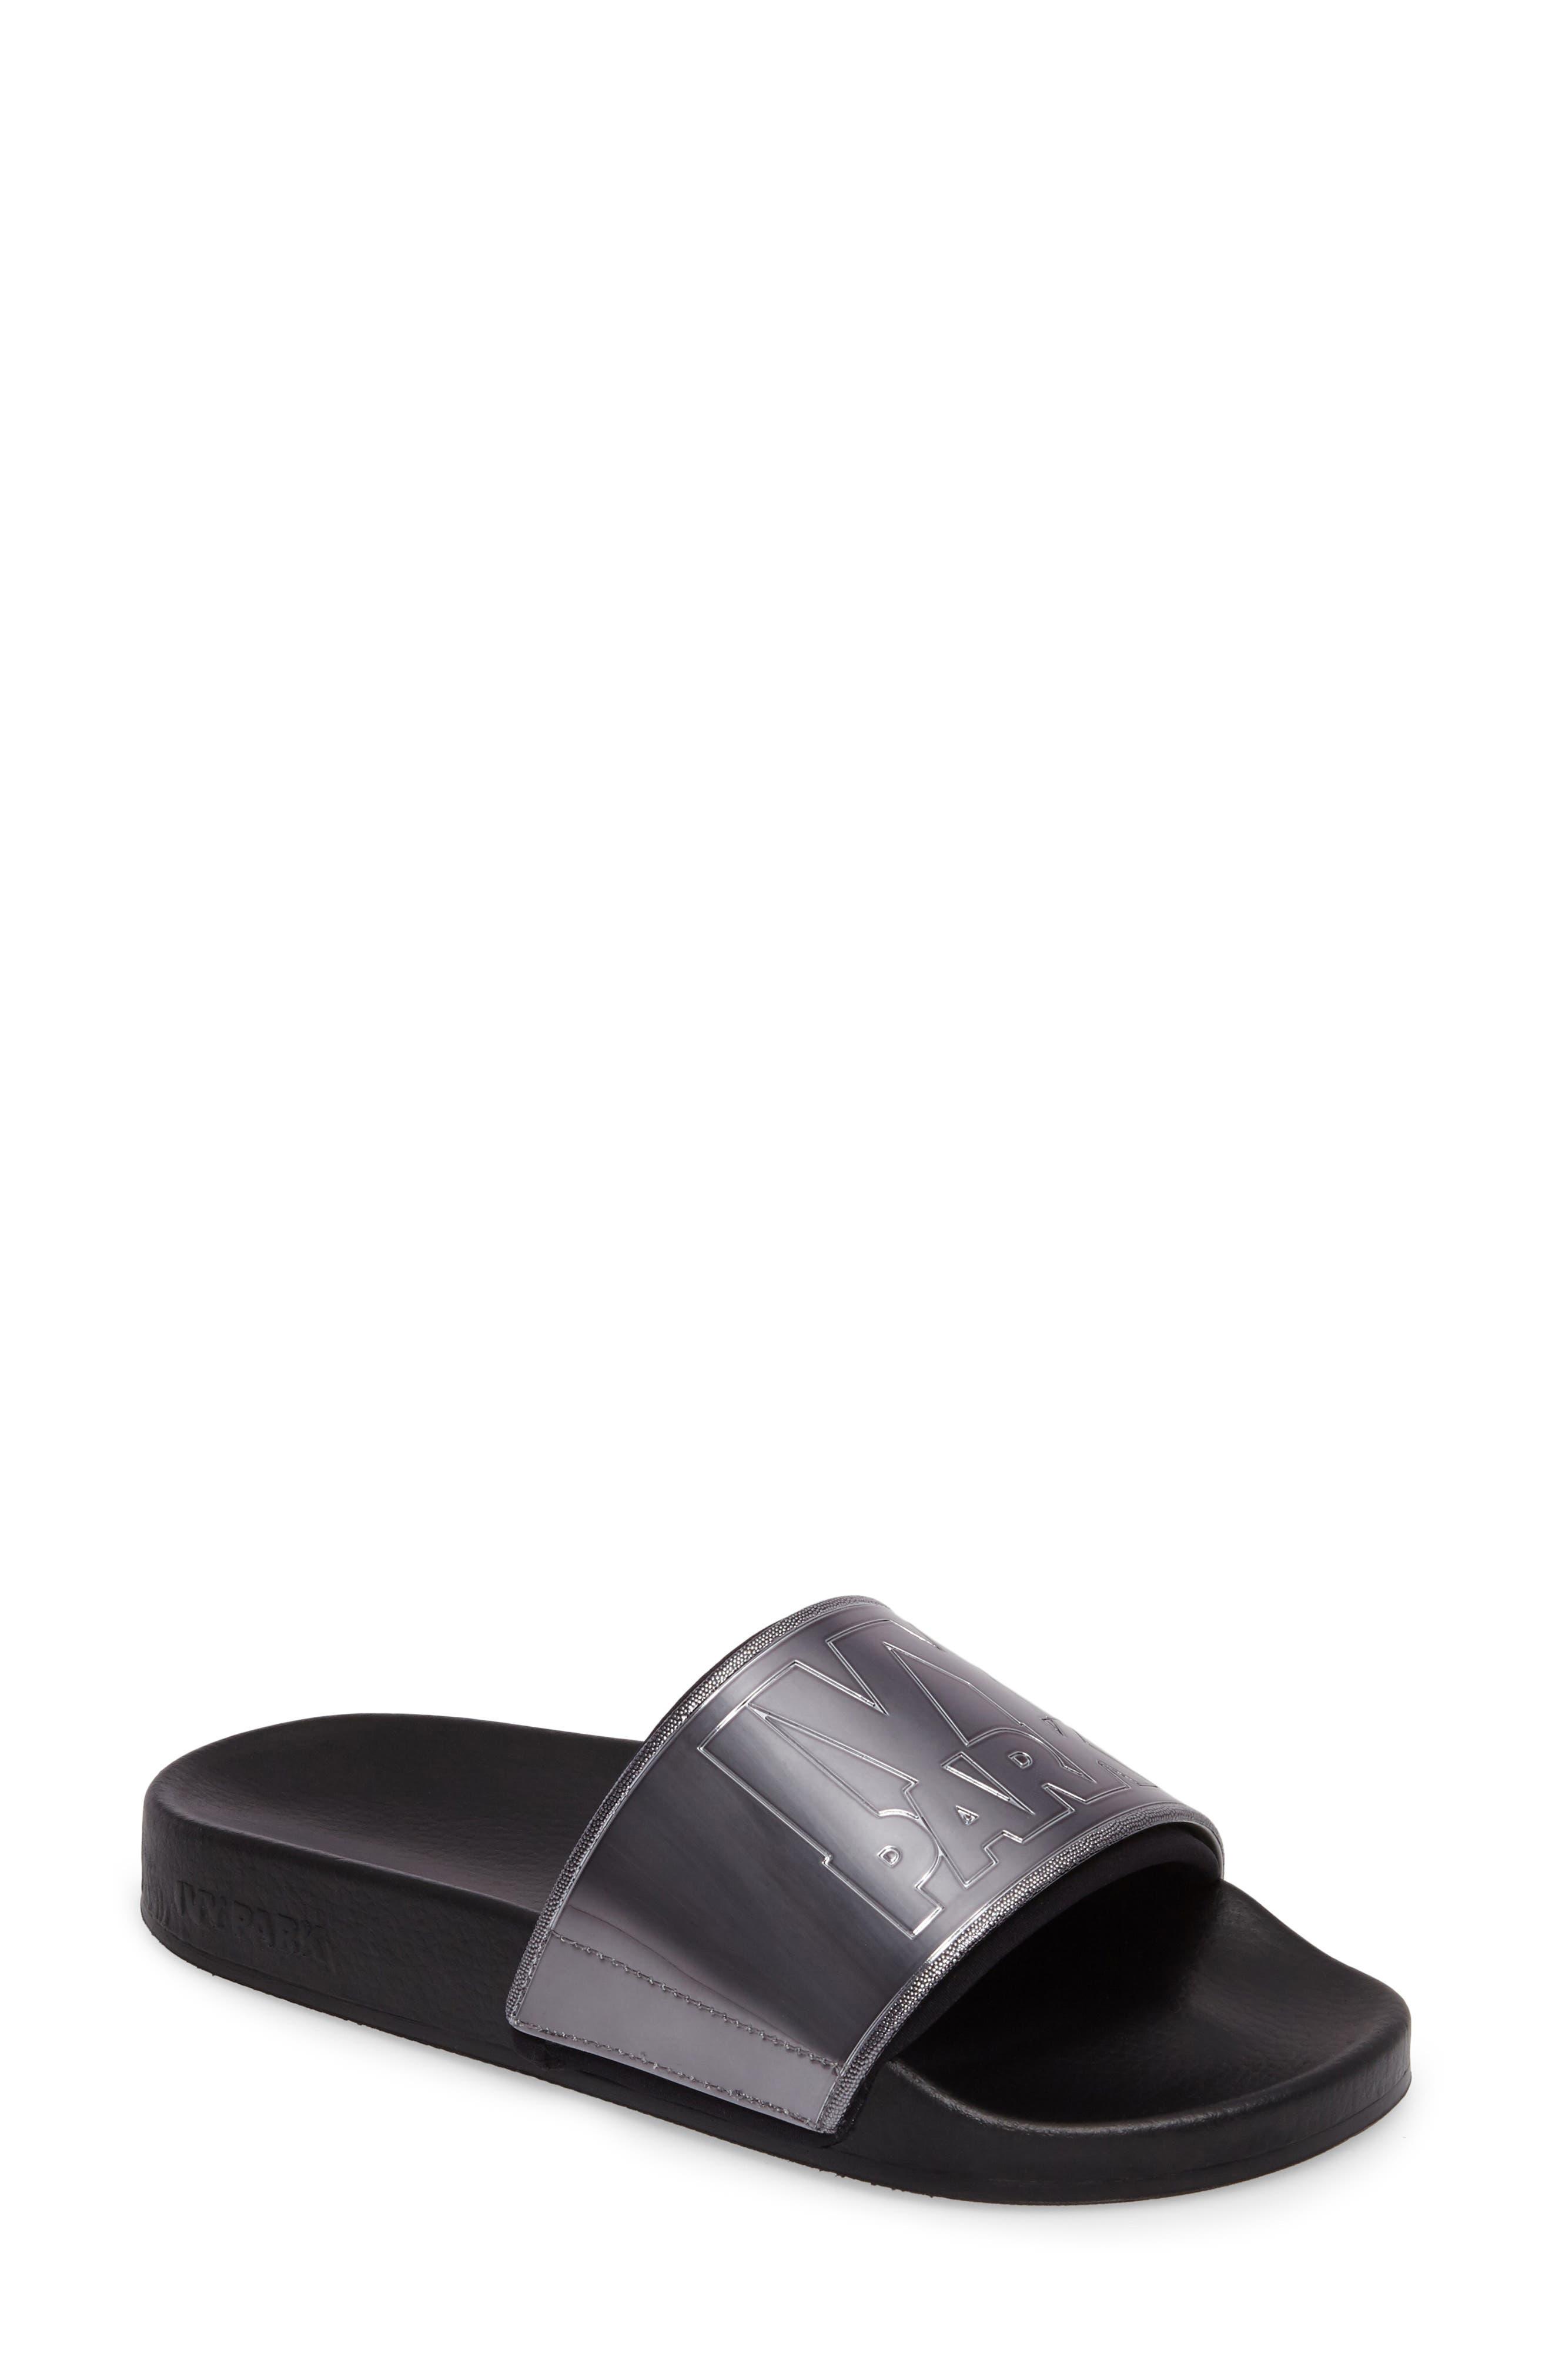 Main Image - IVY PARK® Neoprene Lined Logo Slide Sandal (Women)